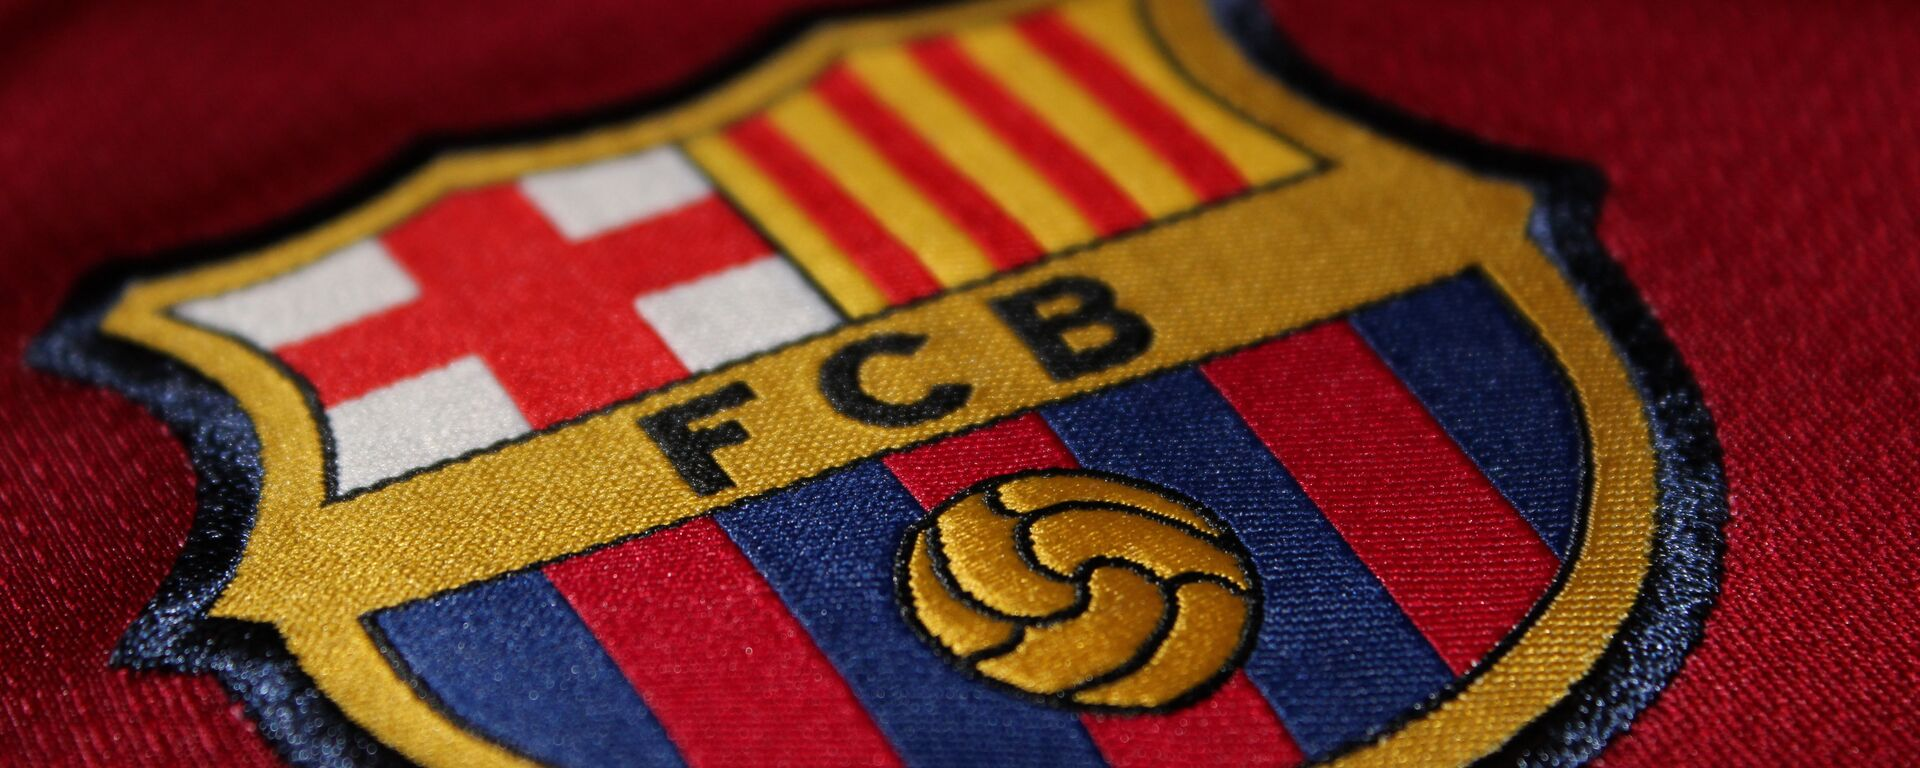 Logo de FC Barcelona - Sputnik Mundo, 1920, 23.04.2021